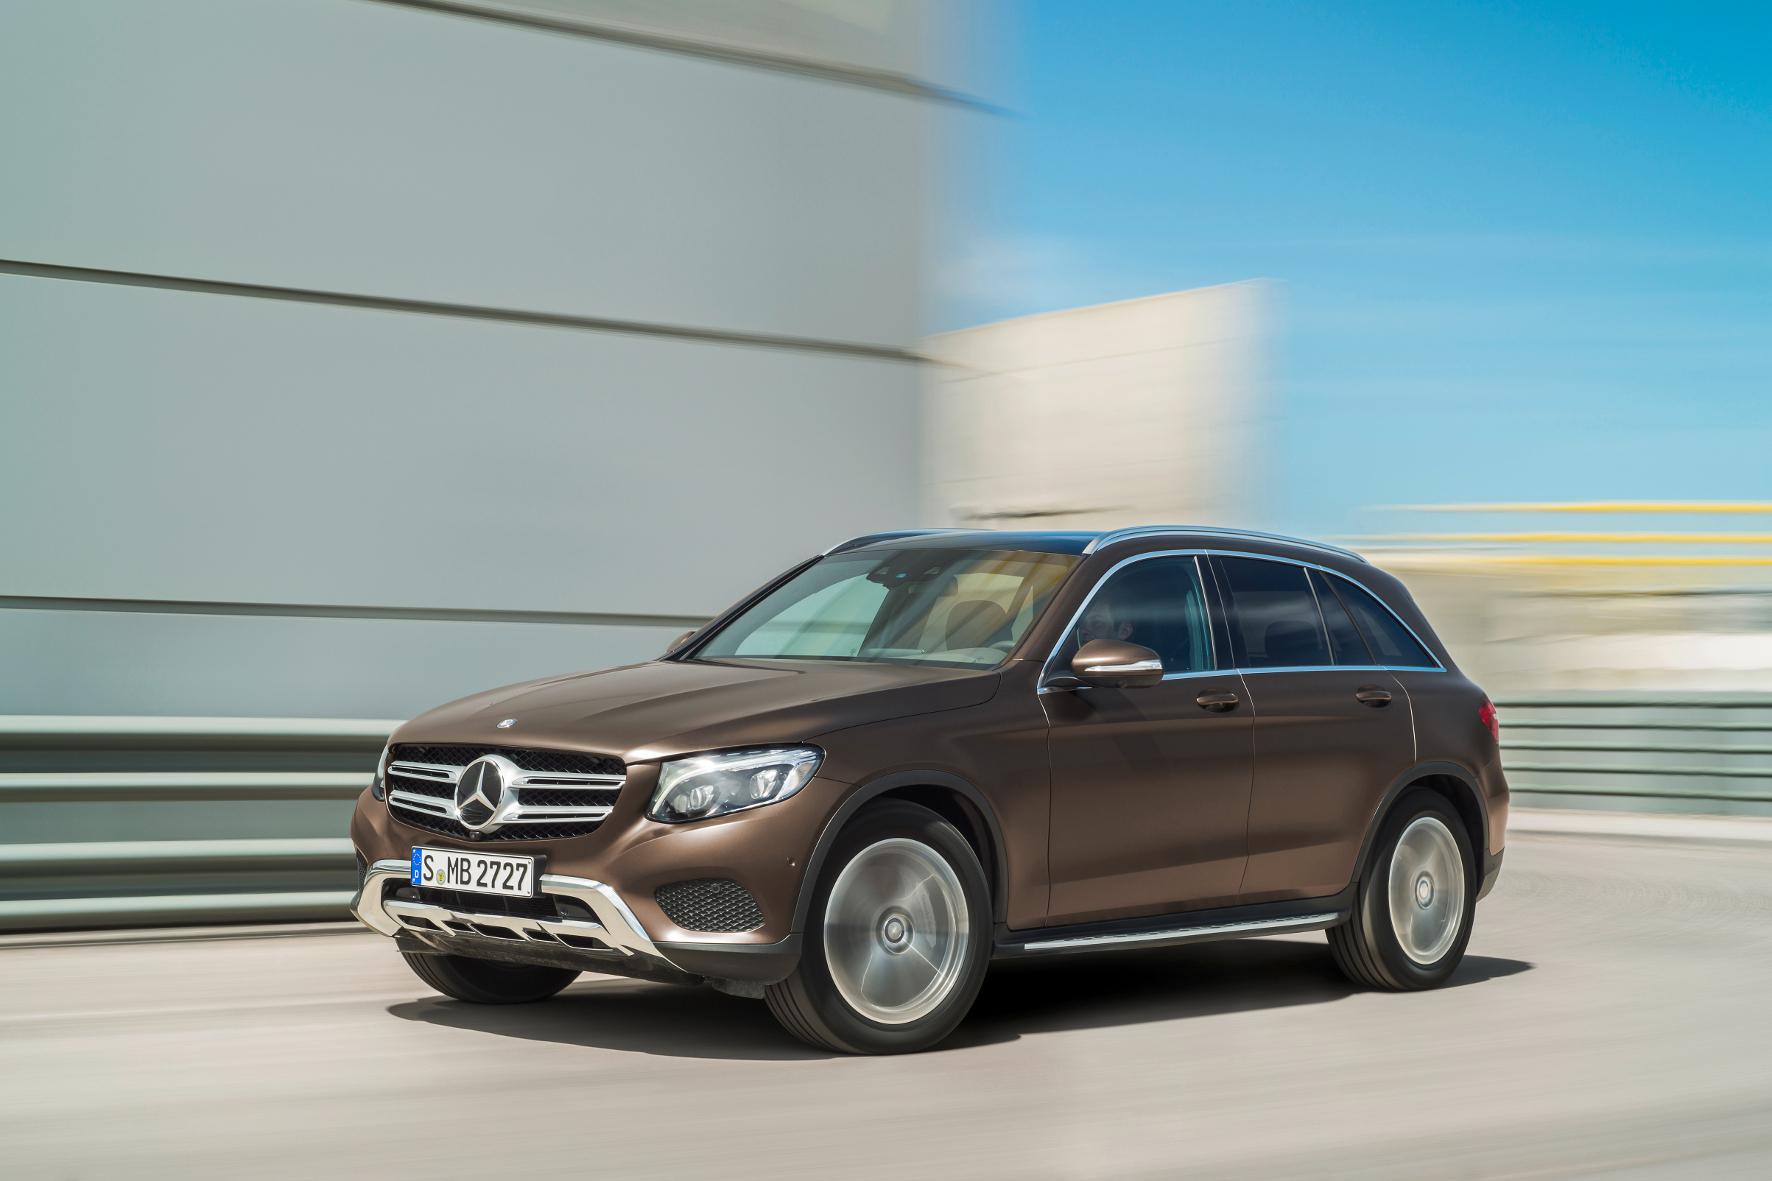 mid Groß-Gerau - Stylish, geräumig und luxuriös: der Mercedes-Benz GLC.